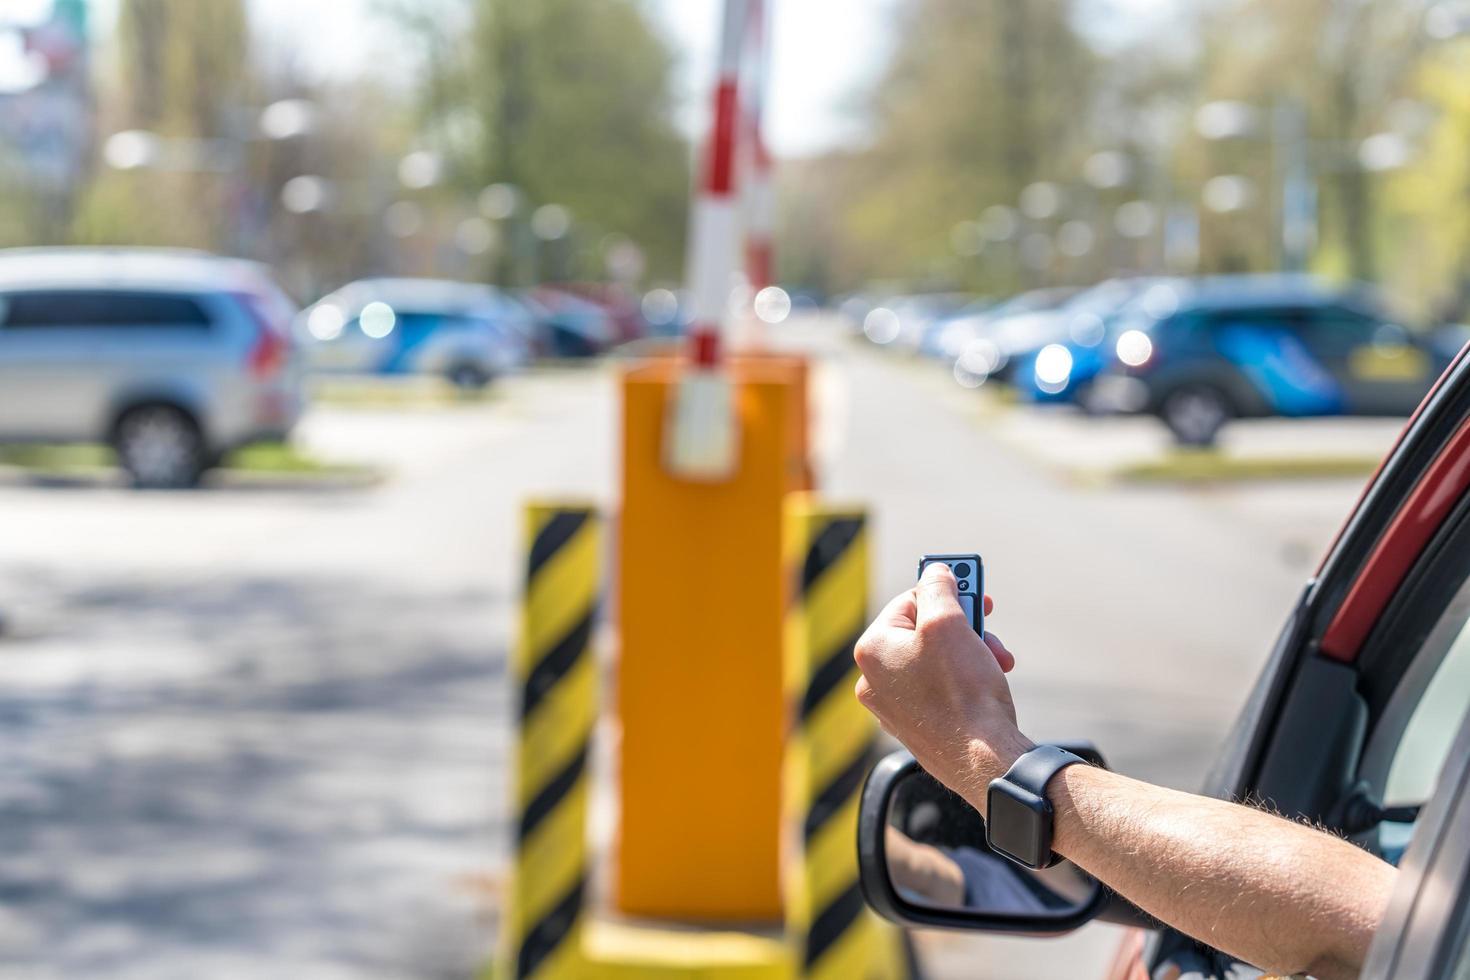 Der Autofahrer hebt die Parkbarriere an, um das Grundstück zu verlassen foto